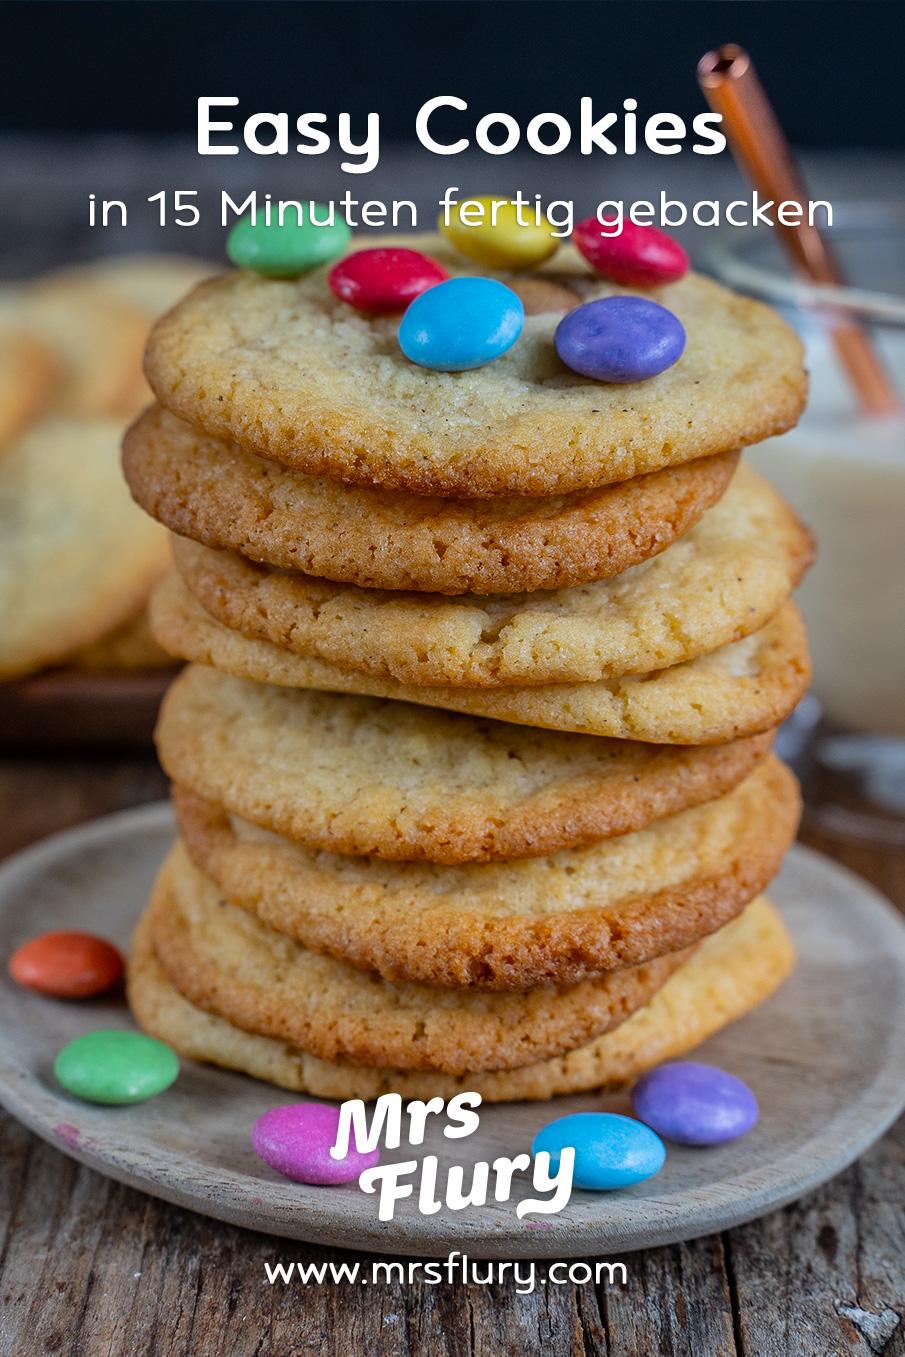 Easy Cookies Mrs Flury